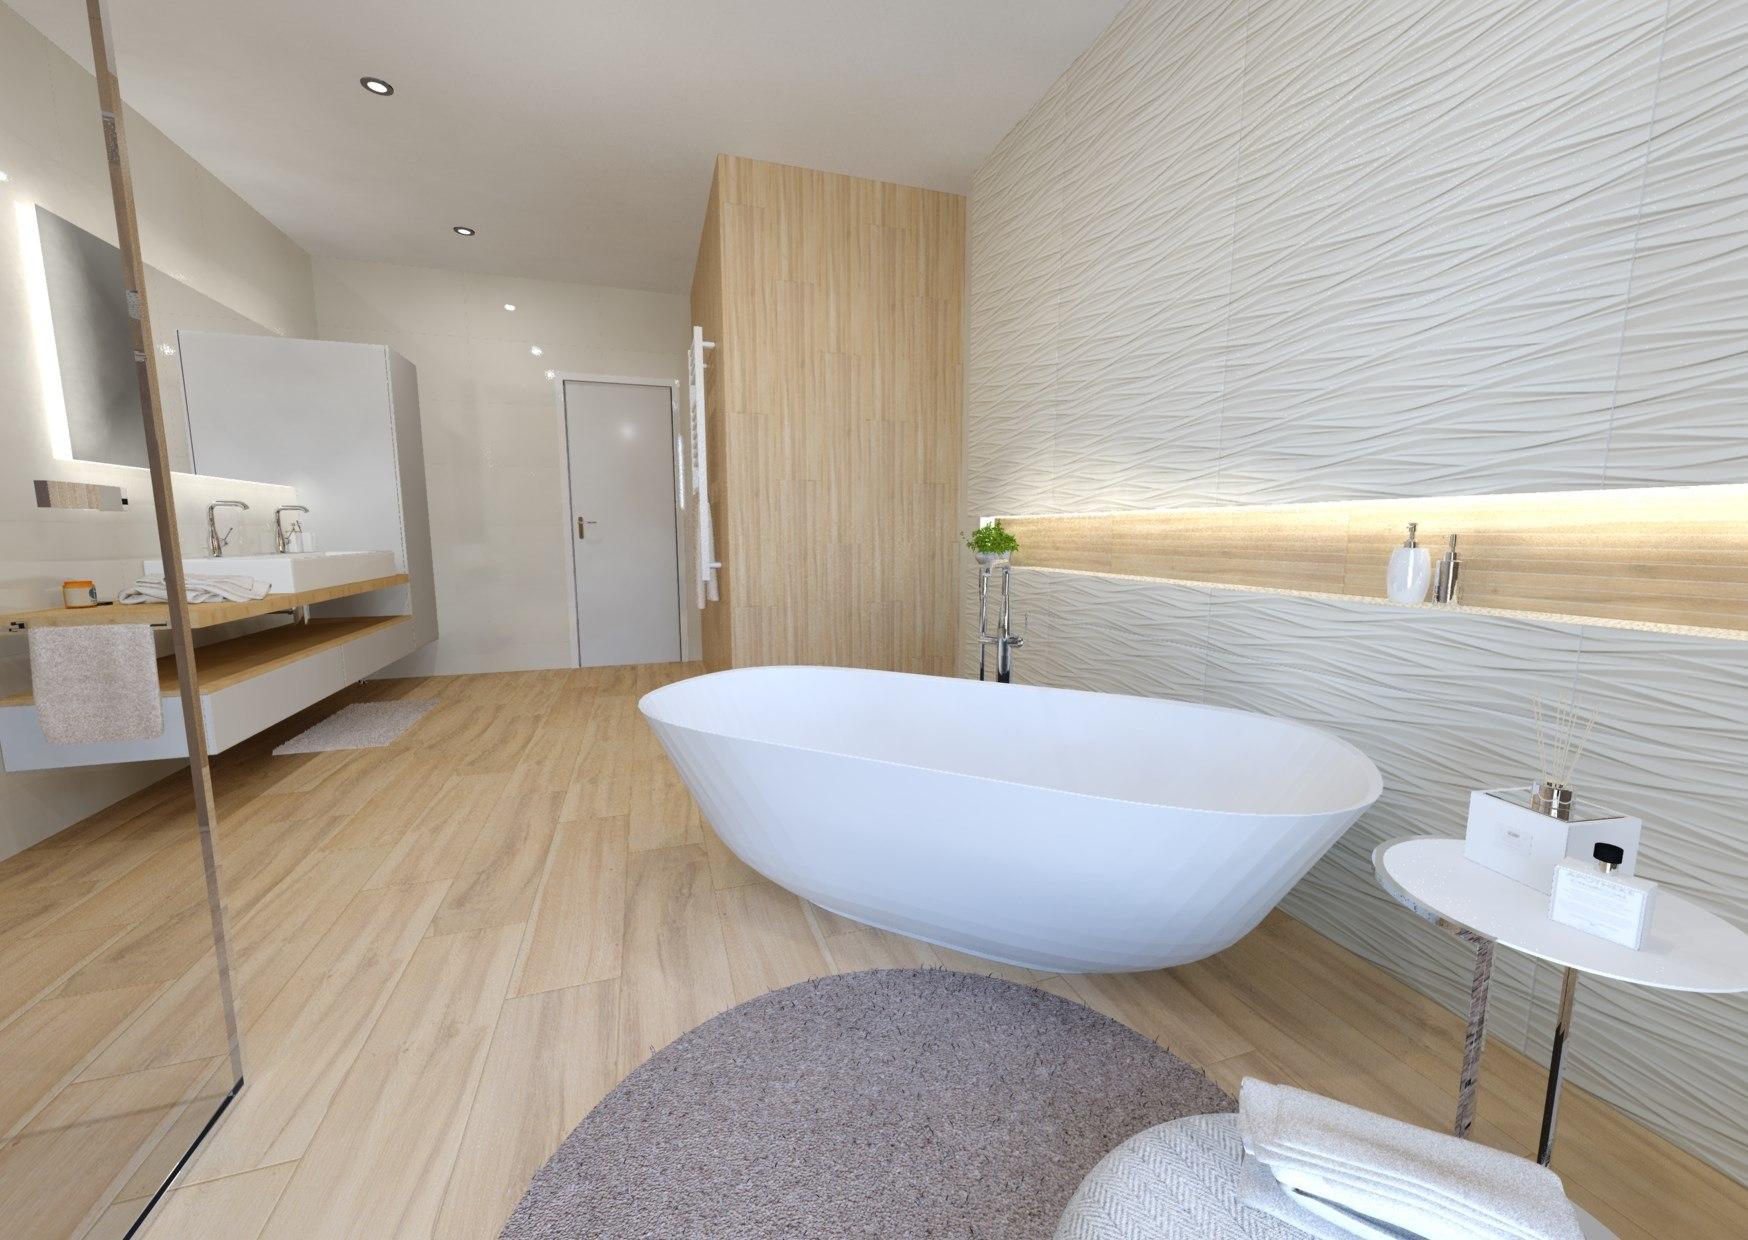 Návrh koupelny v teplých barvách dřeva 0